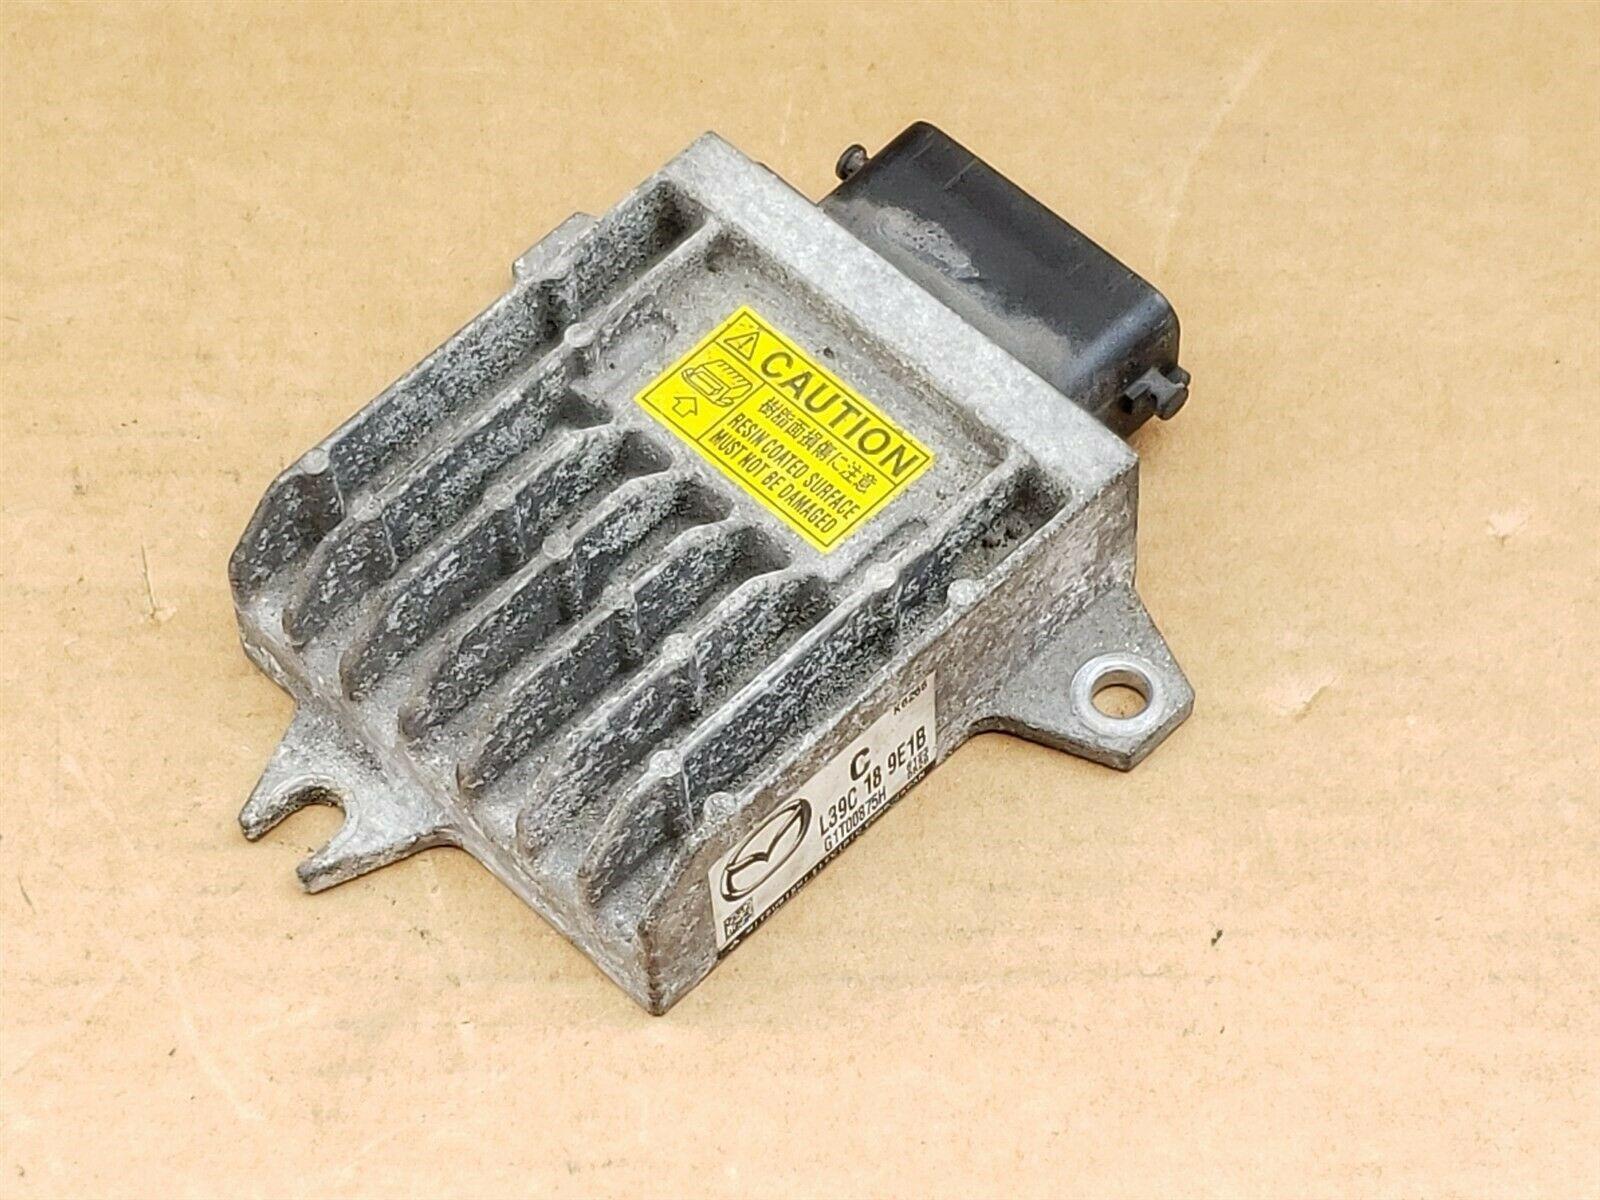 Mazda TCM TCU Automatic Transmission Computer Control Module L39C 18 9E1B (C)